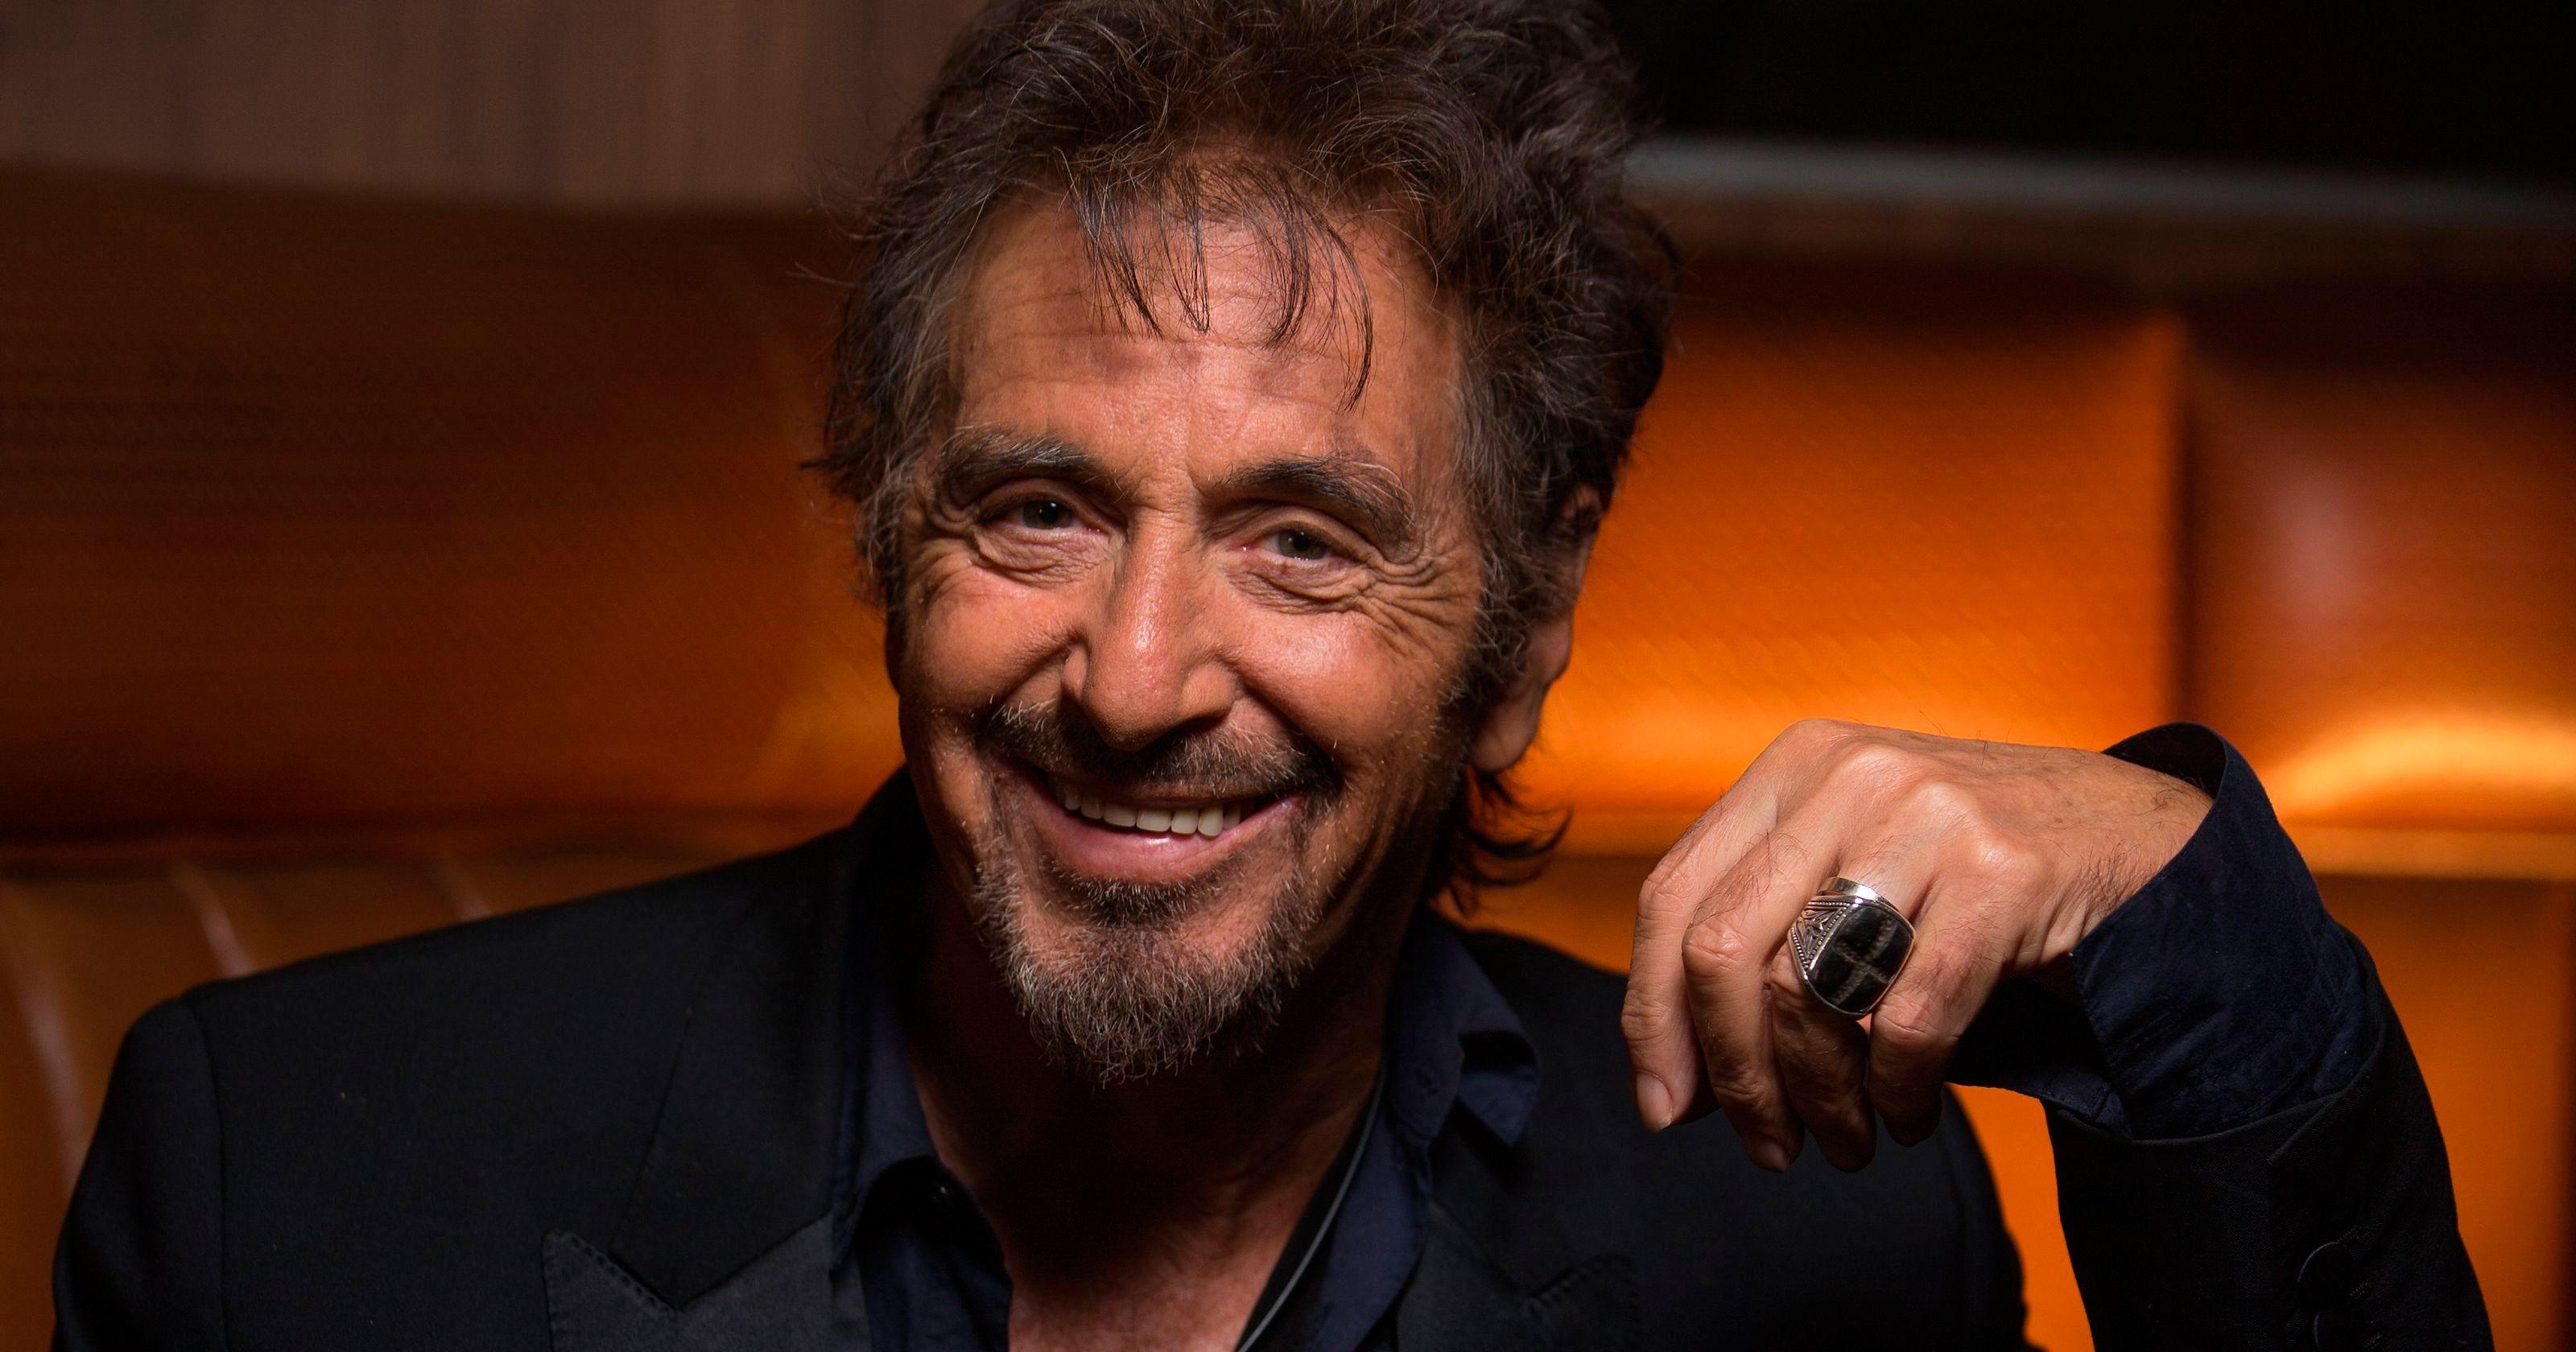 De la mano de Adrián Suar, Al Pacino llega al teatro Colón